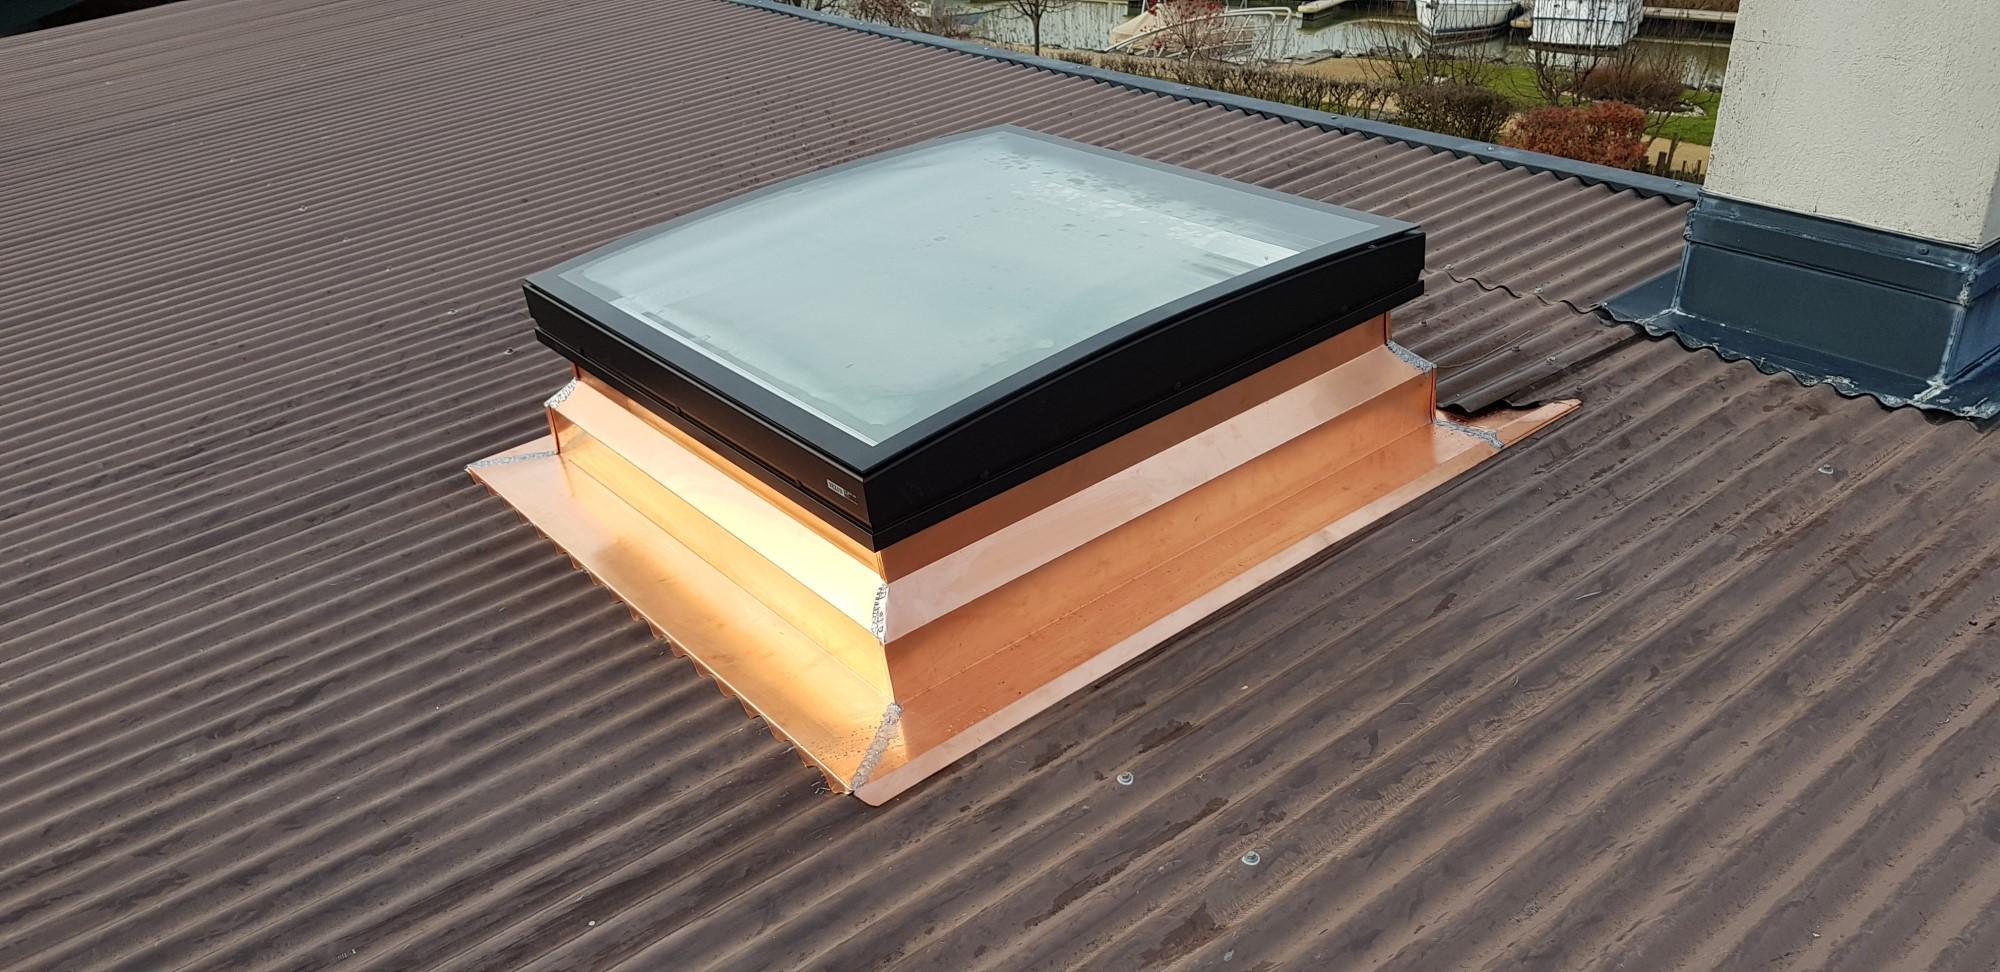 Garniture de fenêtre de toit